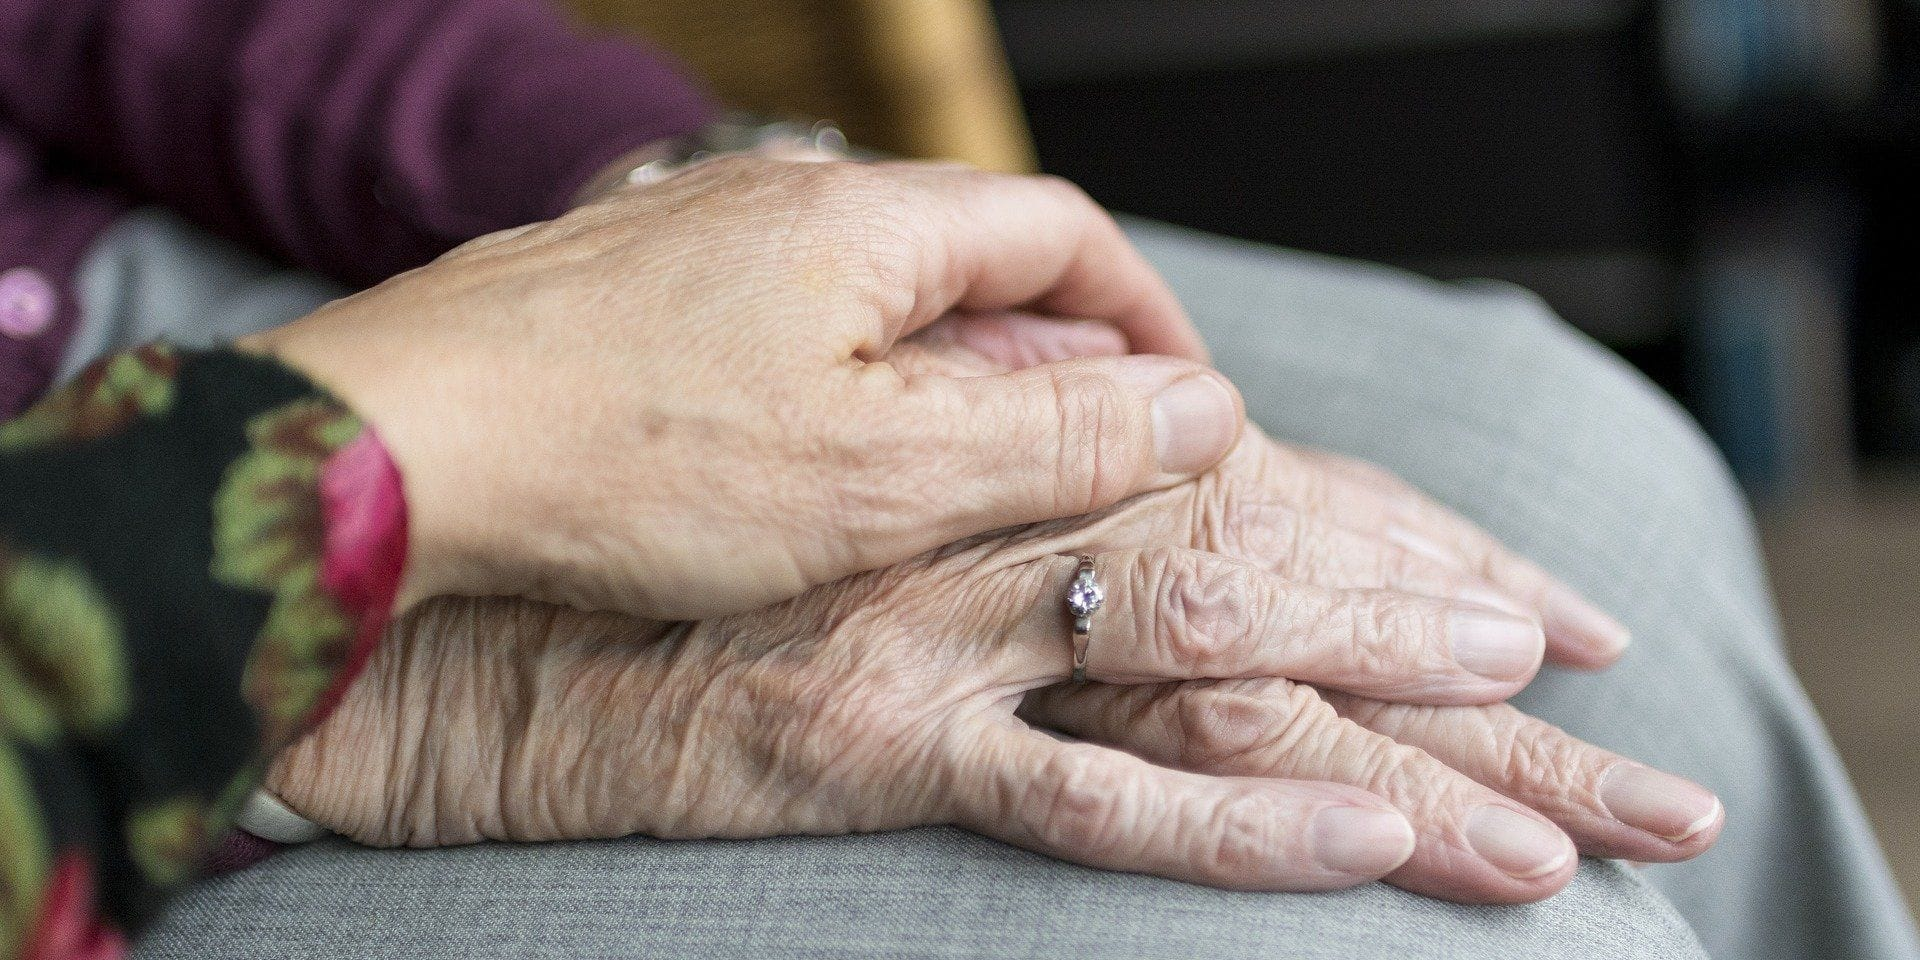 Charleroi: 0800/ 300 24, une ligne spéciale pour les Seniors seuls